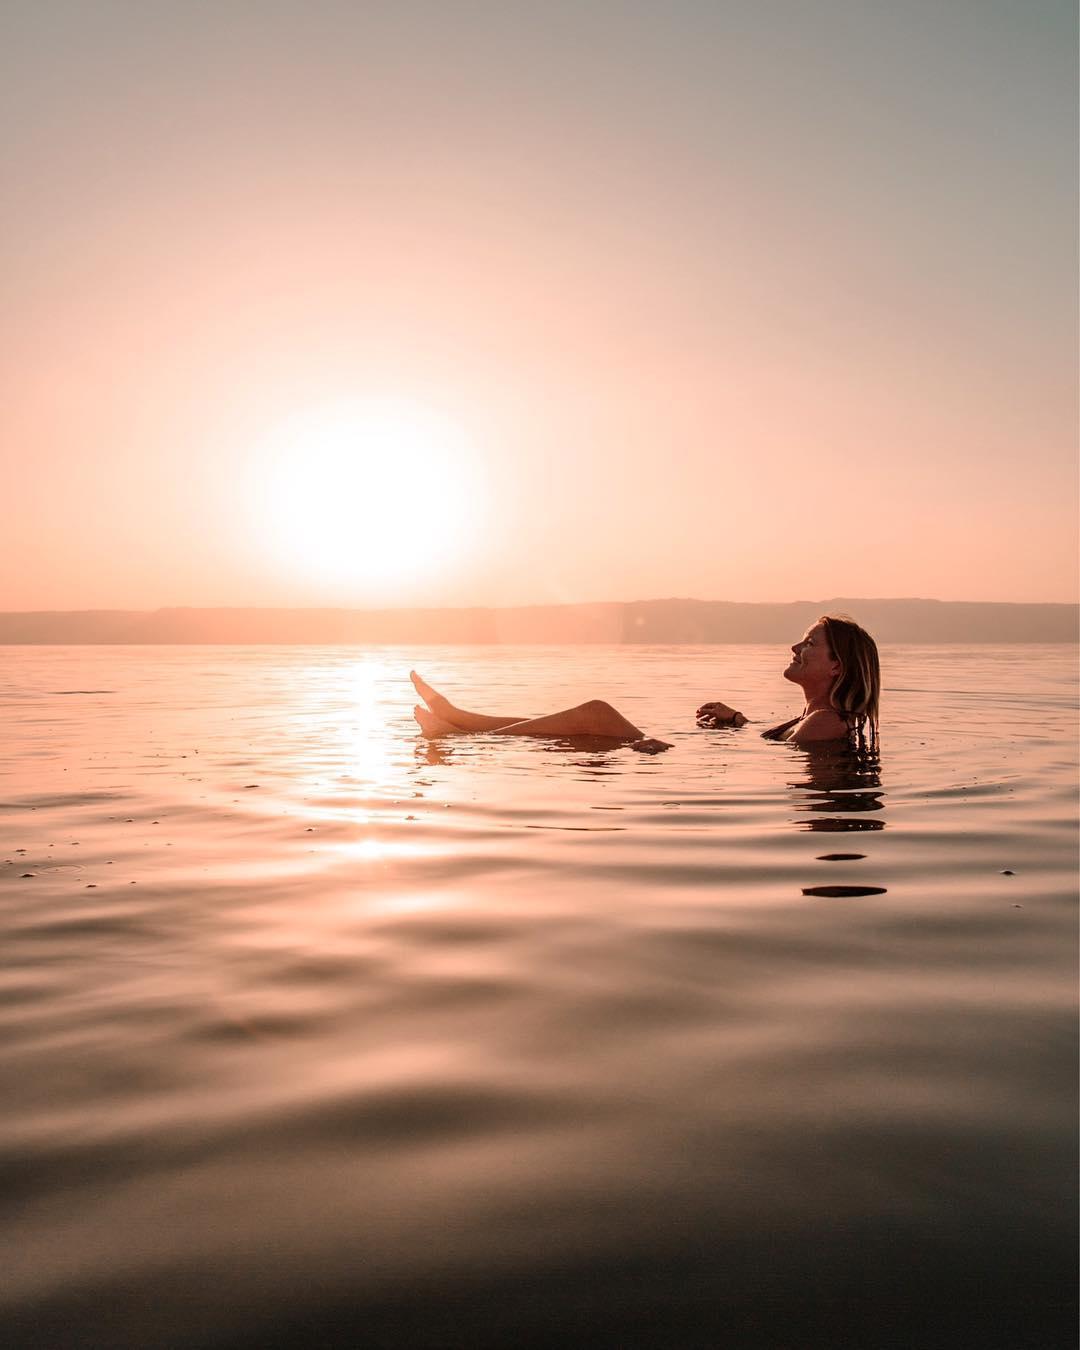 Работа мечты: 25-летняя девушка путешествует и зарабатывает до $900 за пост в Instagram